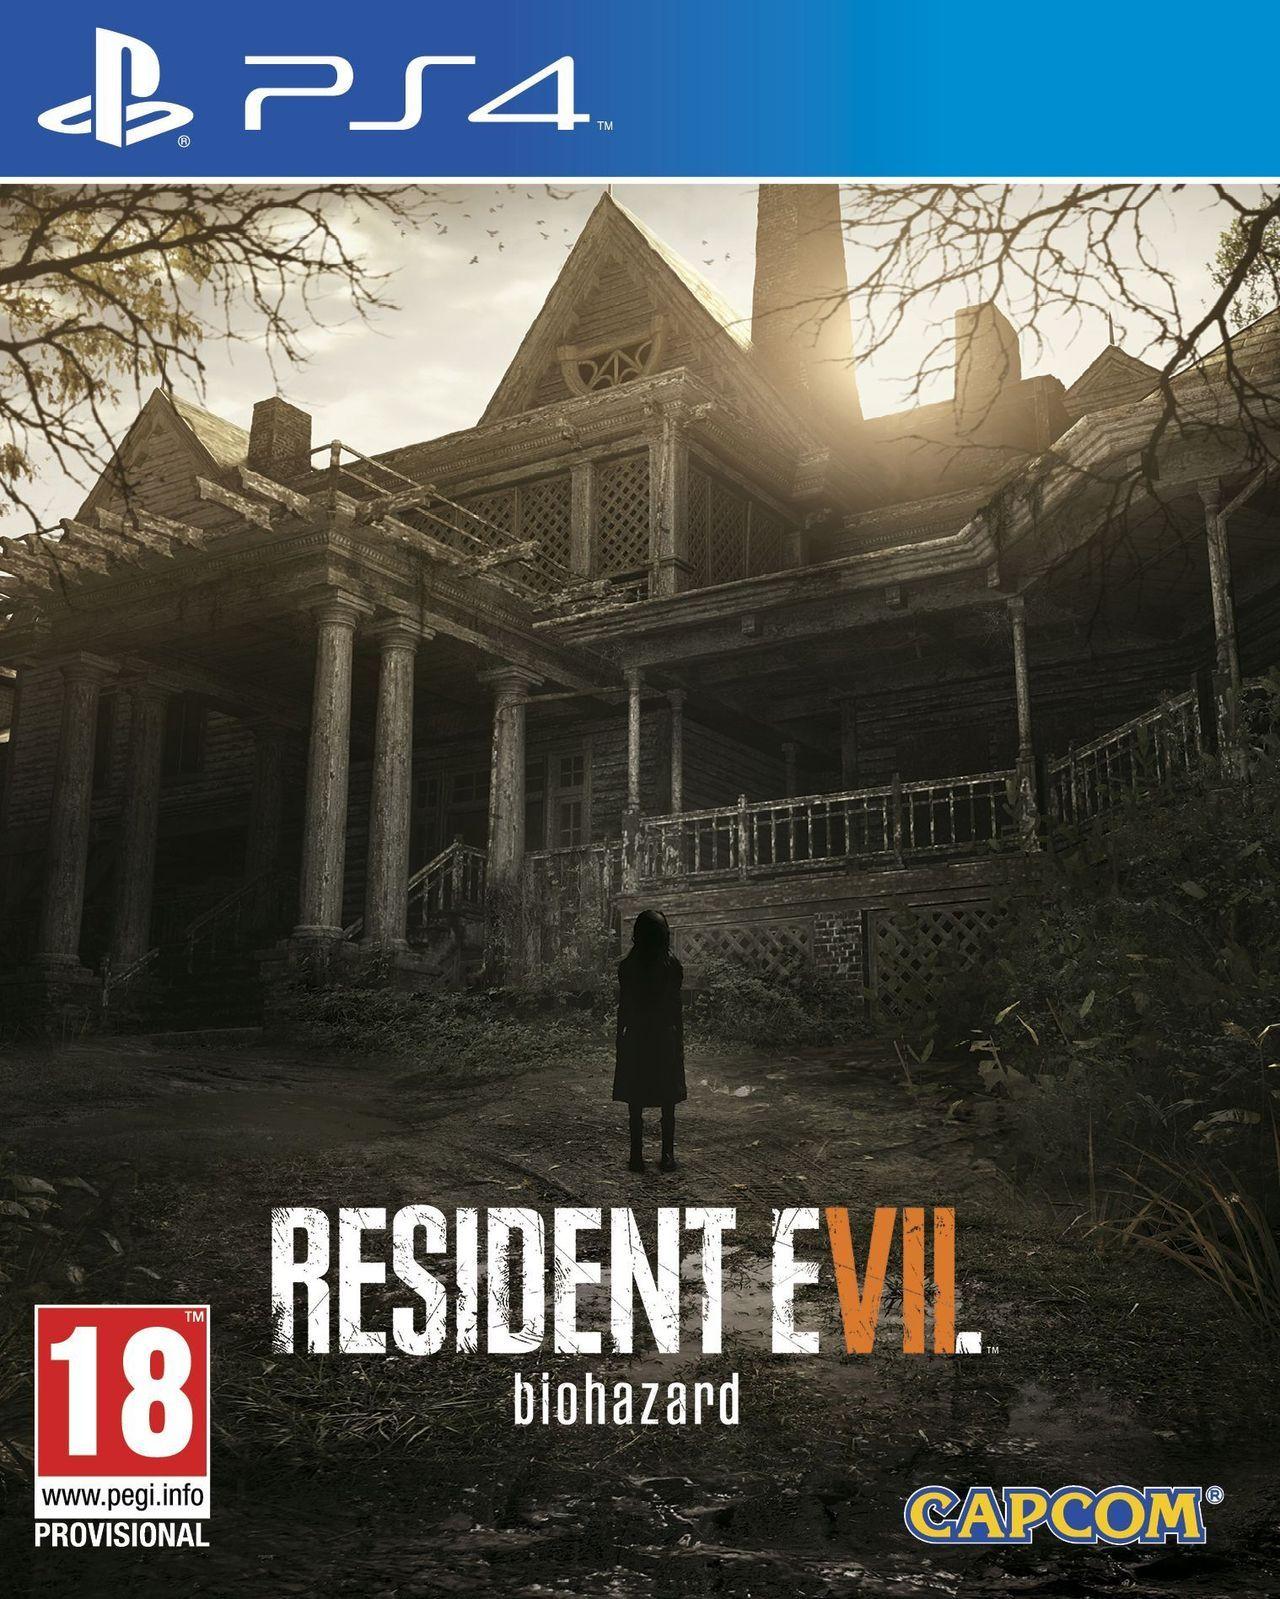 Imagen 46 de Resident Evil 7 para PlayStation 4